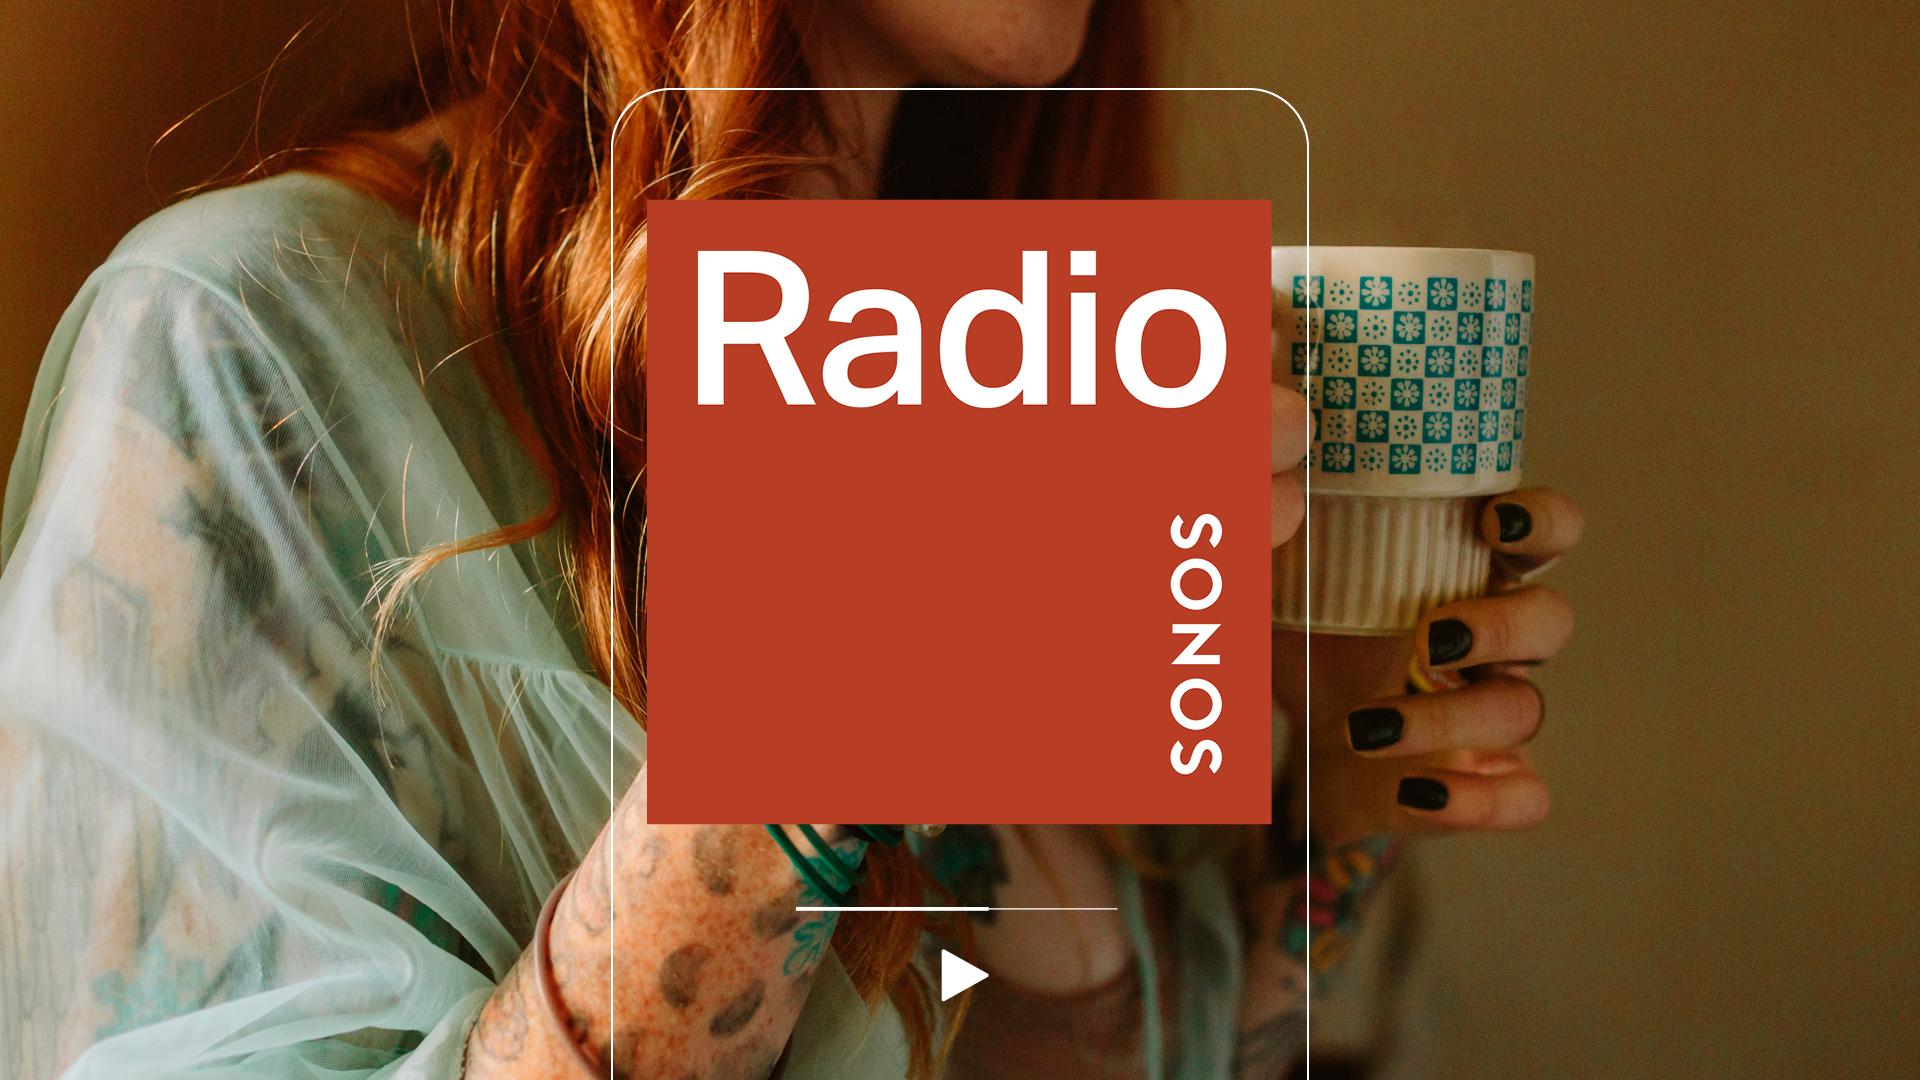 Sonos evid